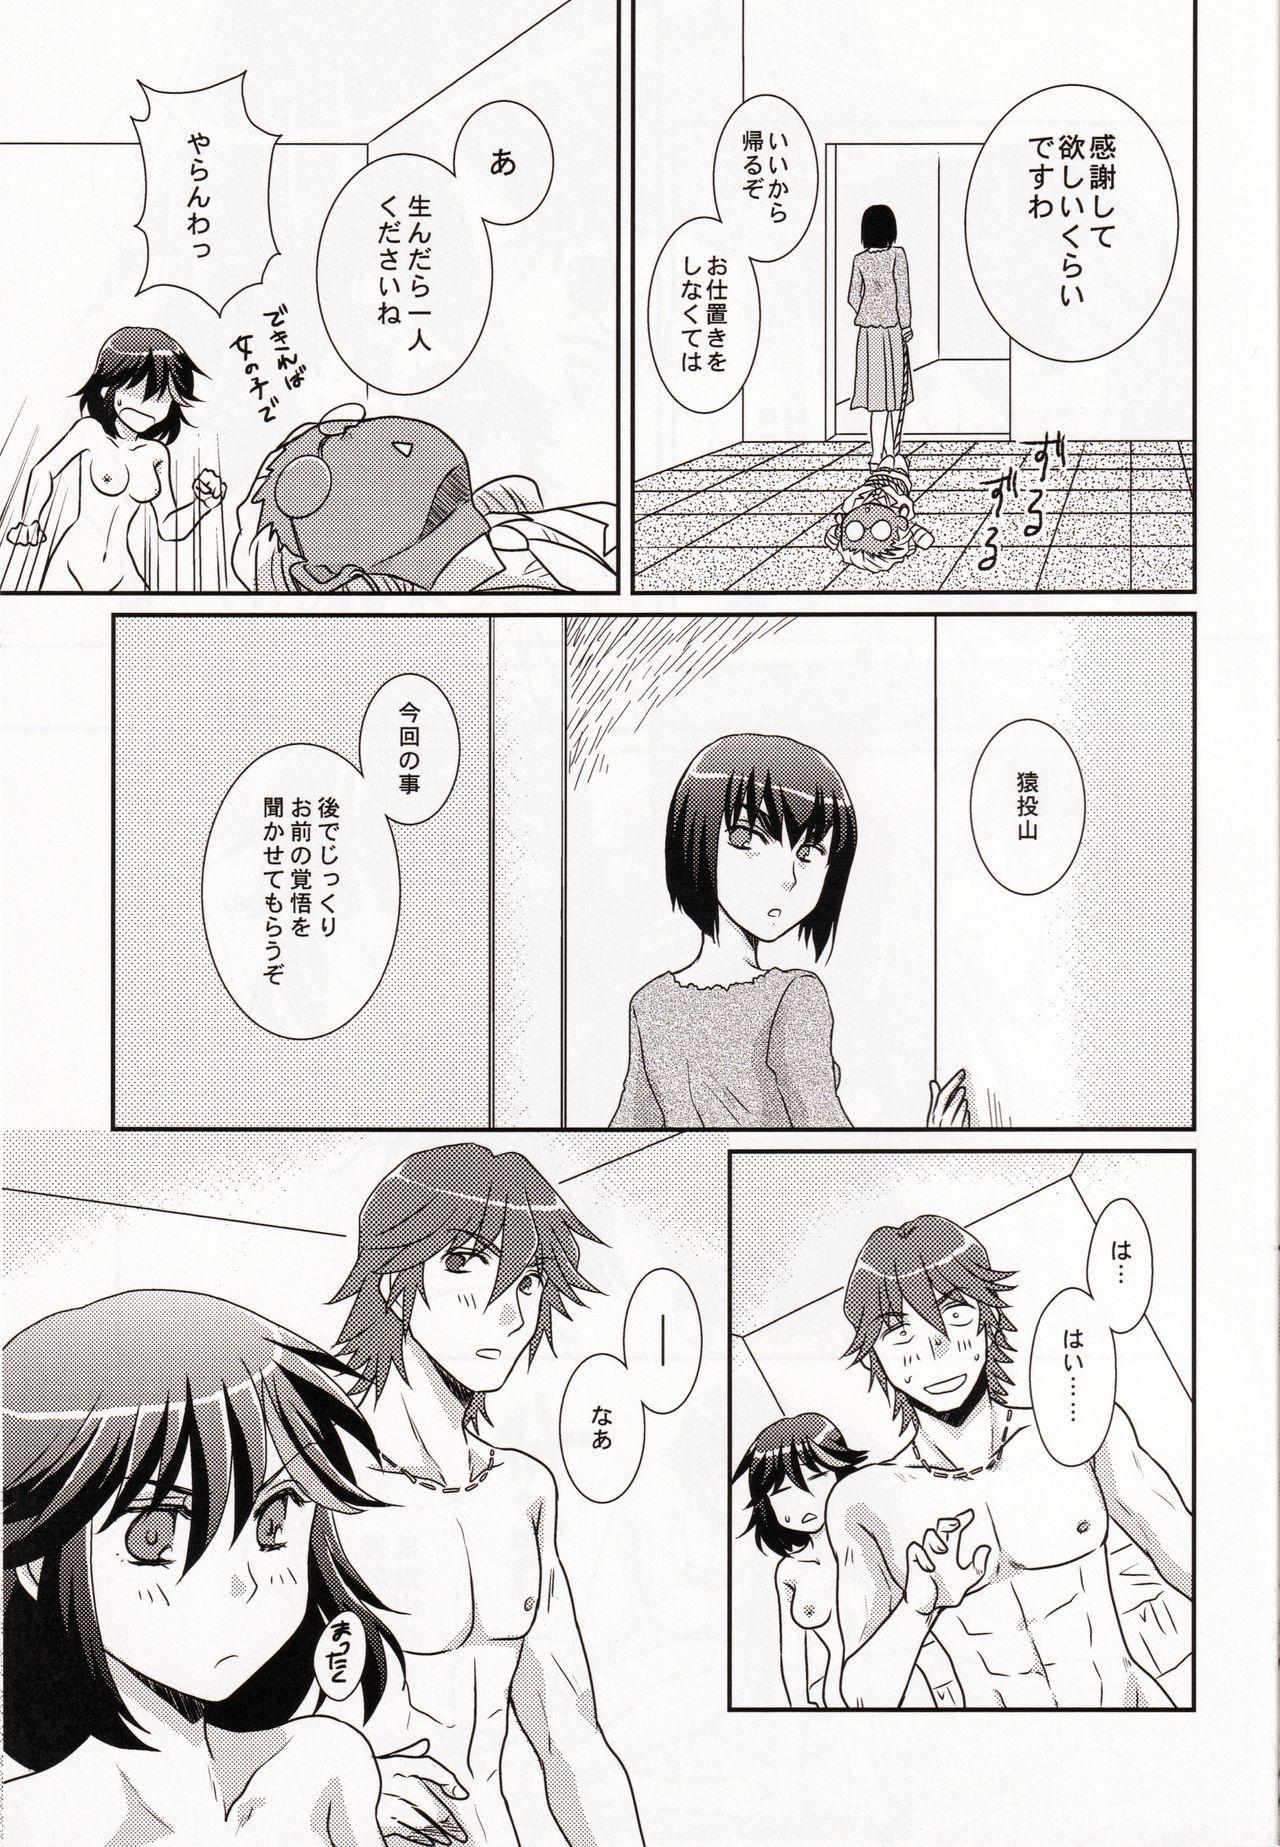 (SUPER26) [Ishin Denshin (Yuusa Riki)] Ore no Kanojo (Kari) ga Otokomae Sugite Mou Horeru shika Nai. (Kill la Kill) 26